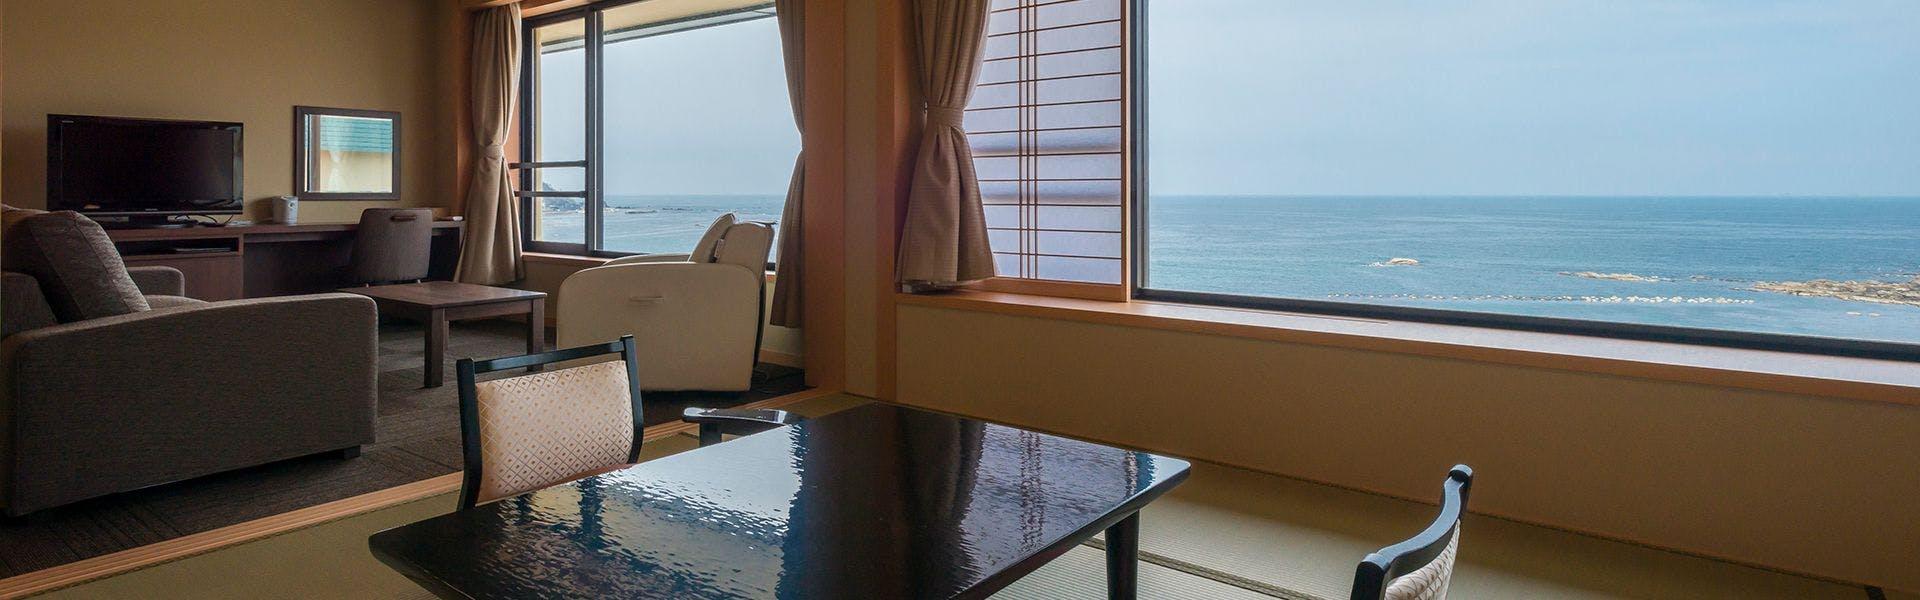 記念日におすすめのホテル・輪島温泉 八汐の写真3